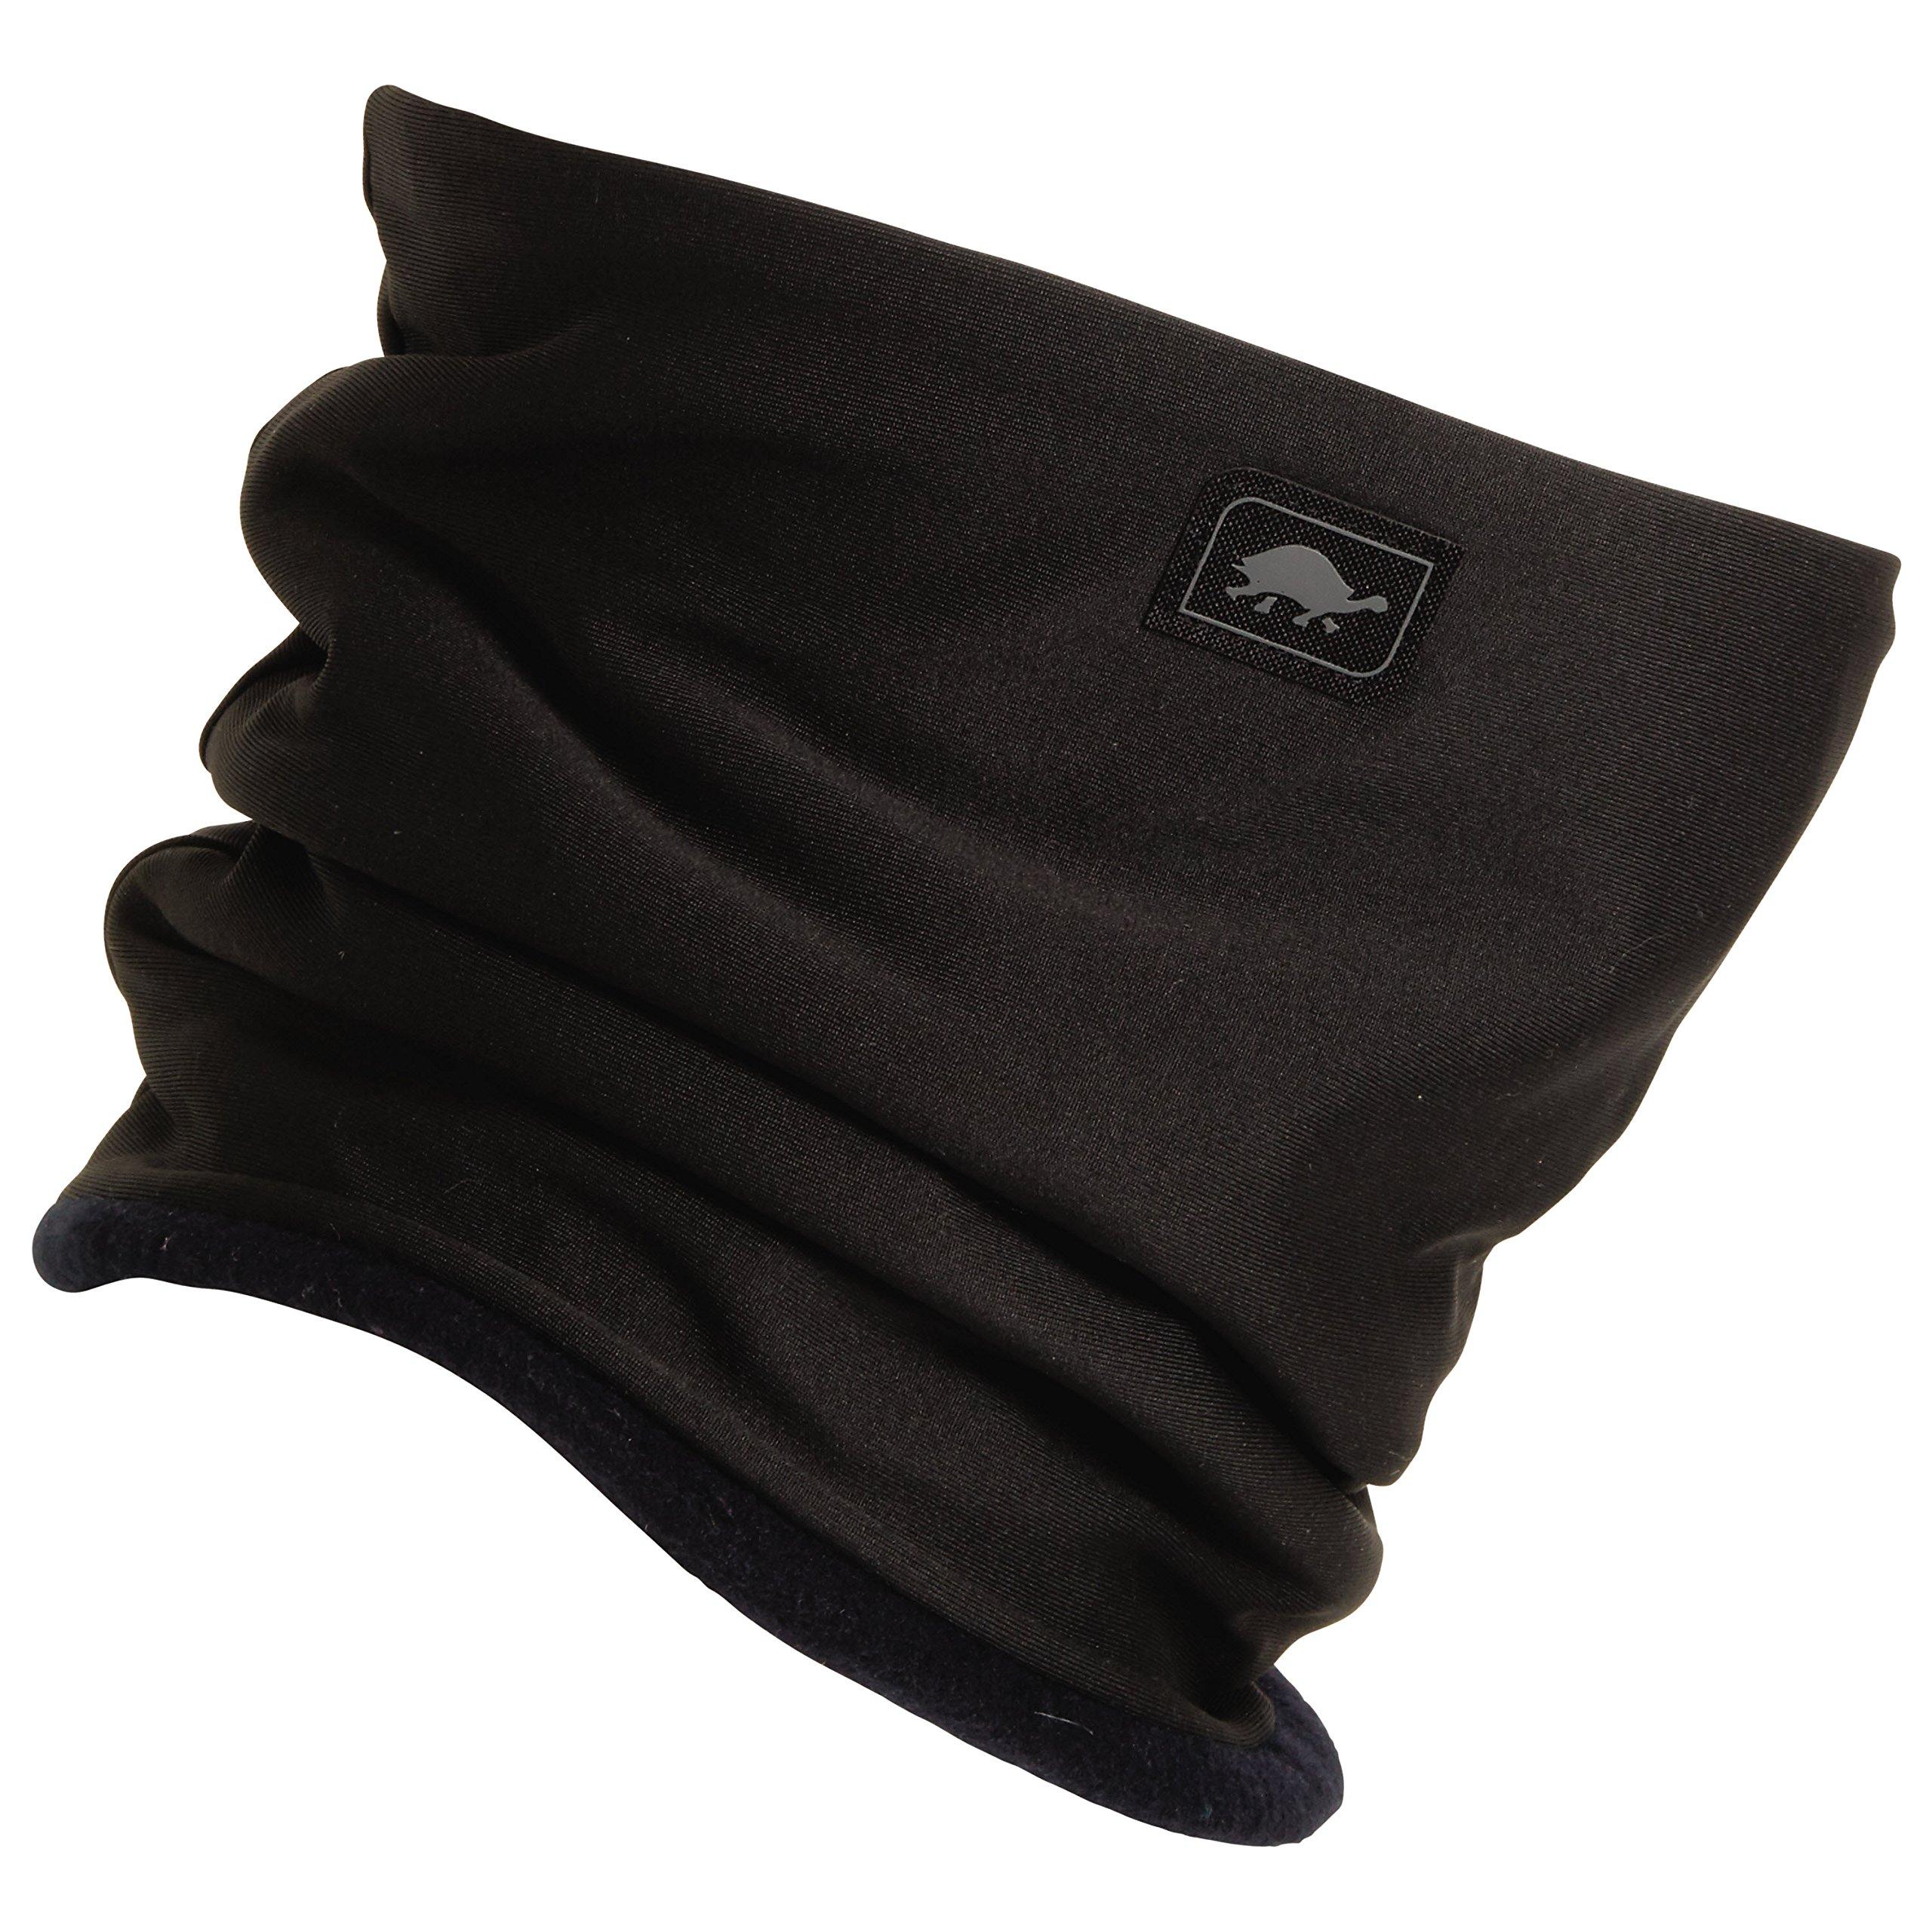 Turtle Fur Original Fleece Neckula, Women's Heavyweight Fleece Lined Neck Warmer, Black